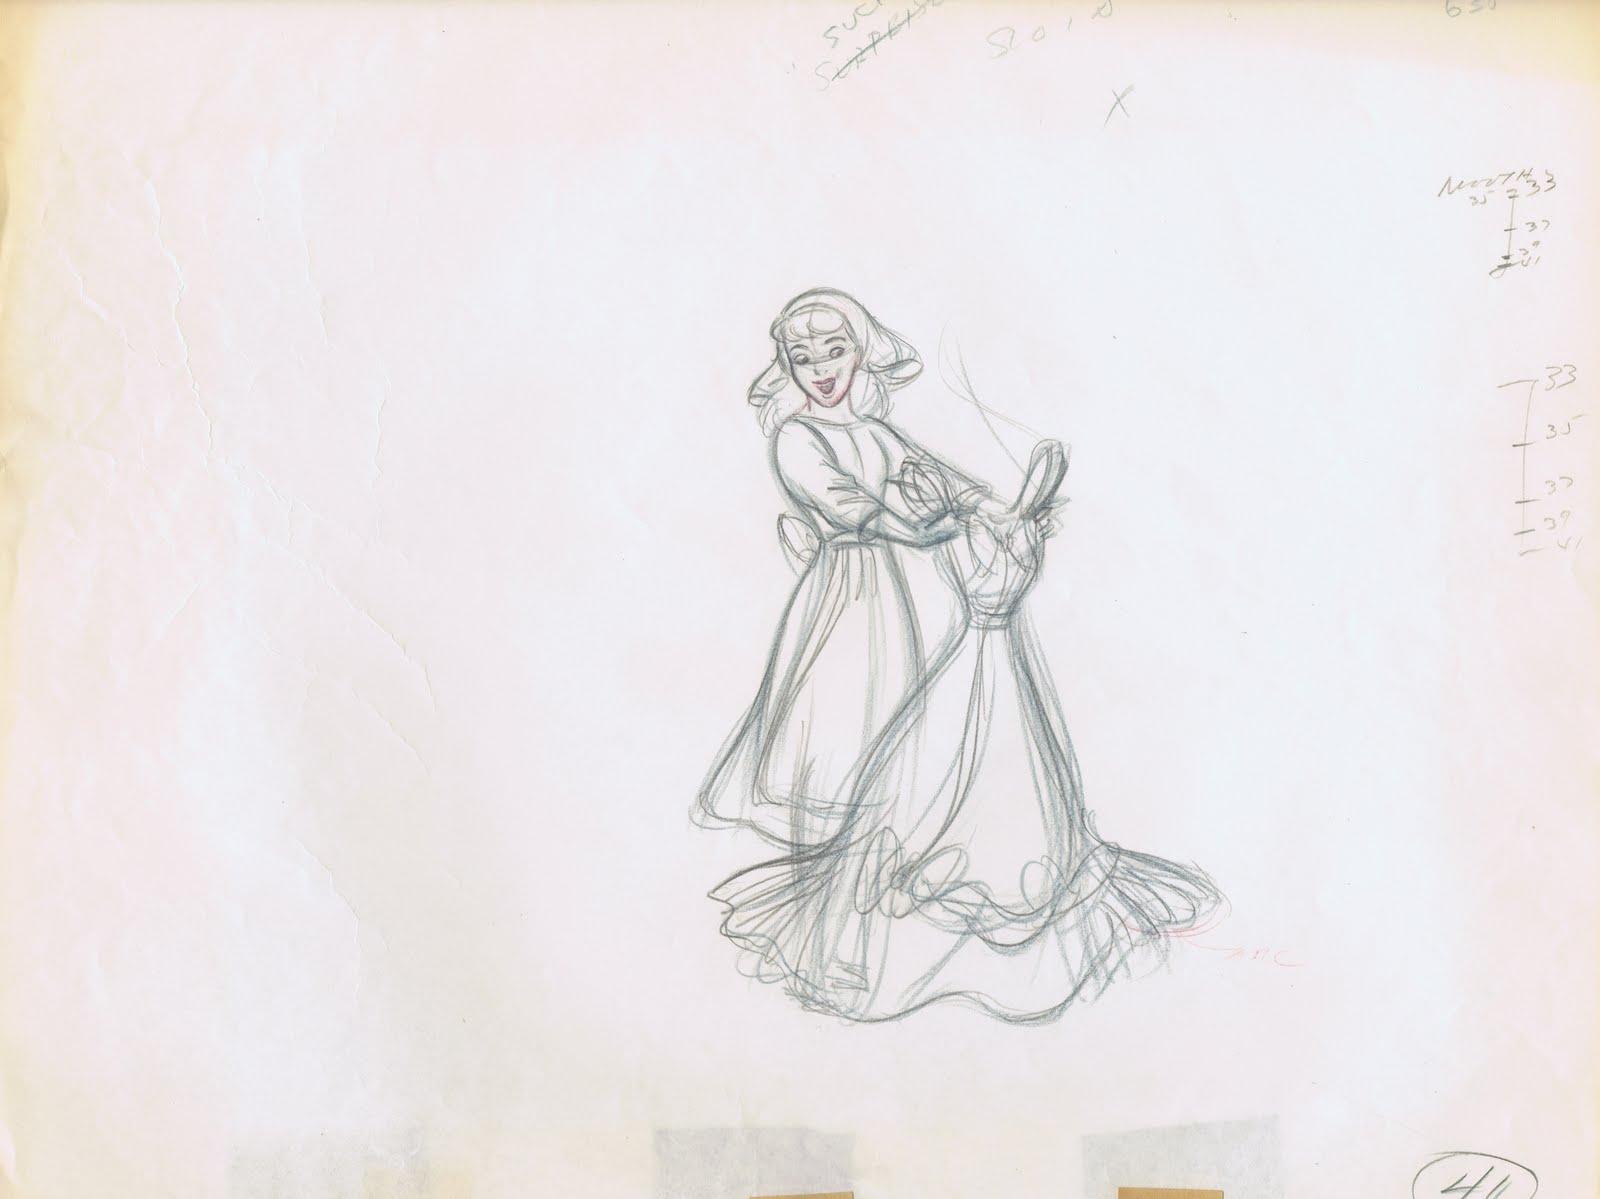 Drawn alice in wonderland cinderella #2